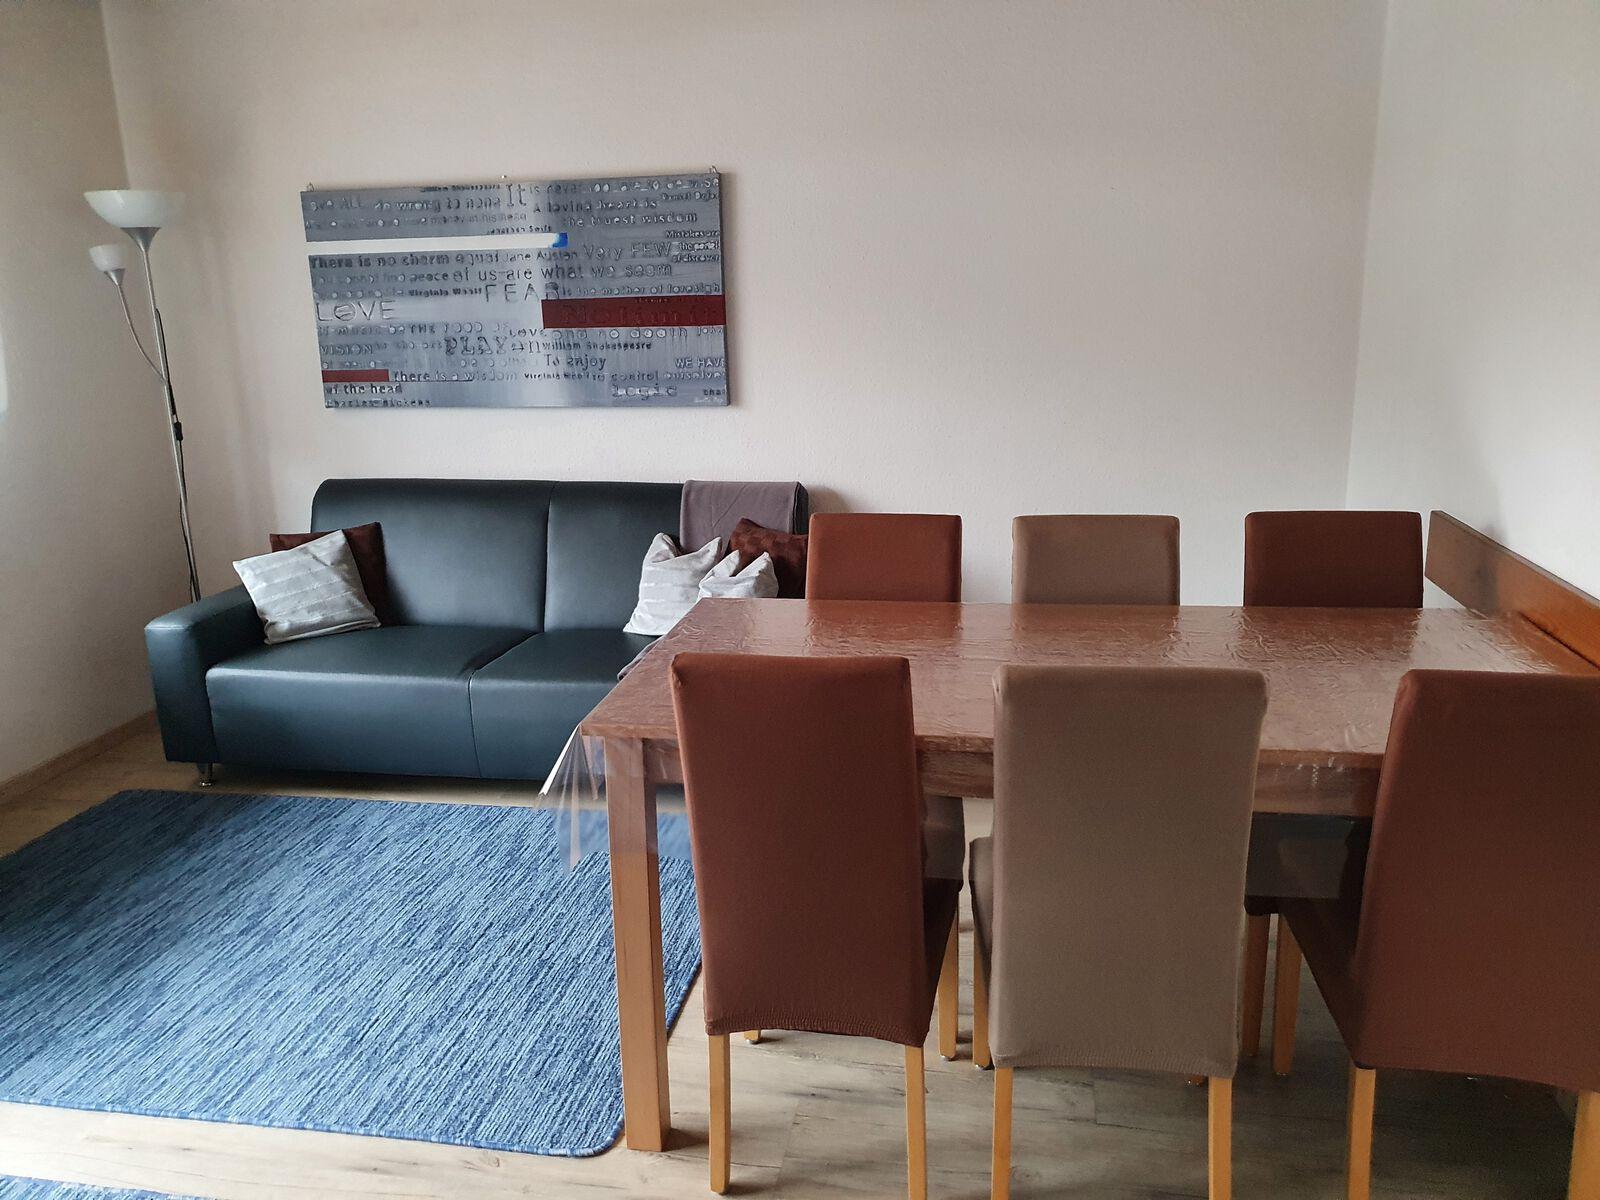 Wohnzimmer:Wohnzimmer mit 3-und 2- Sitzer - Sofa sowie Tisch mit 6 Stühlen